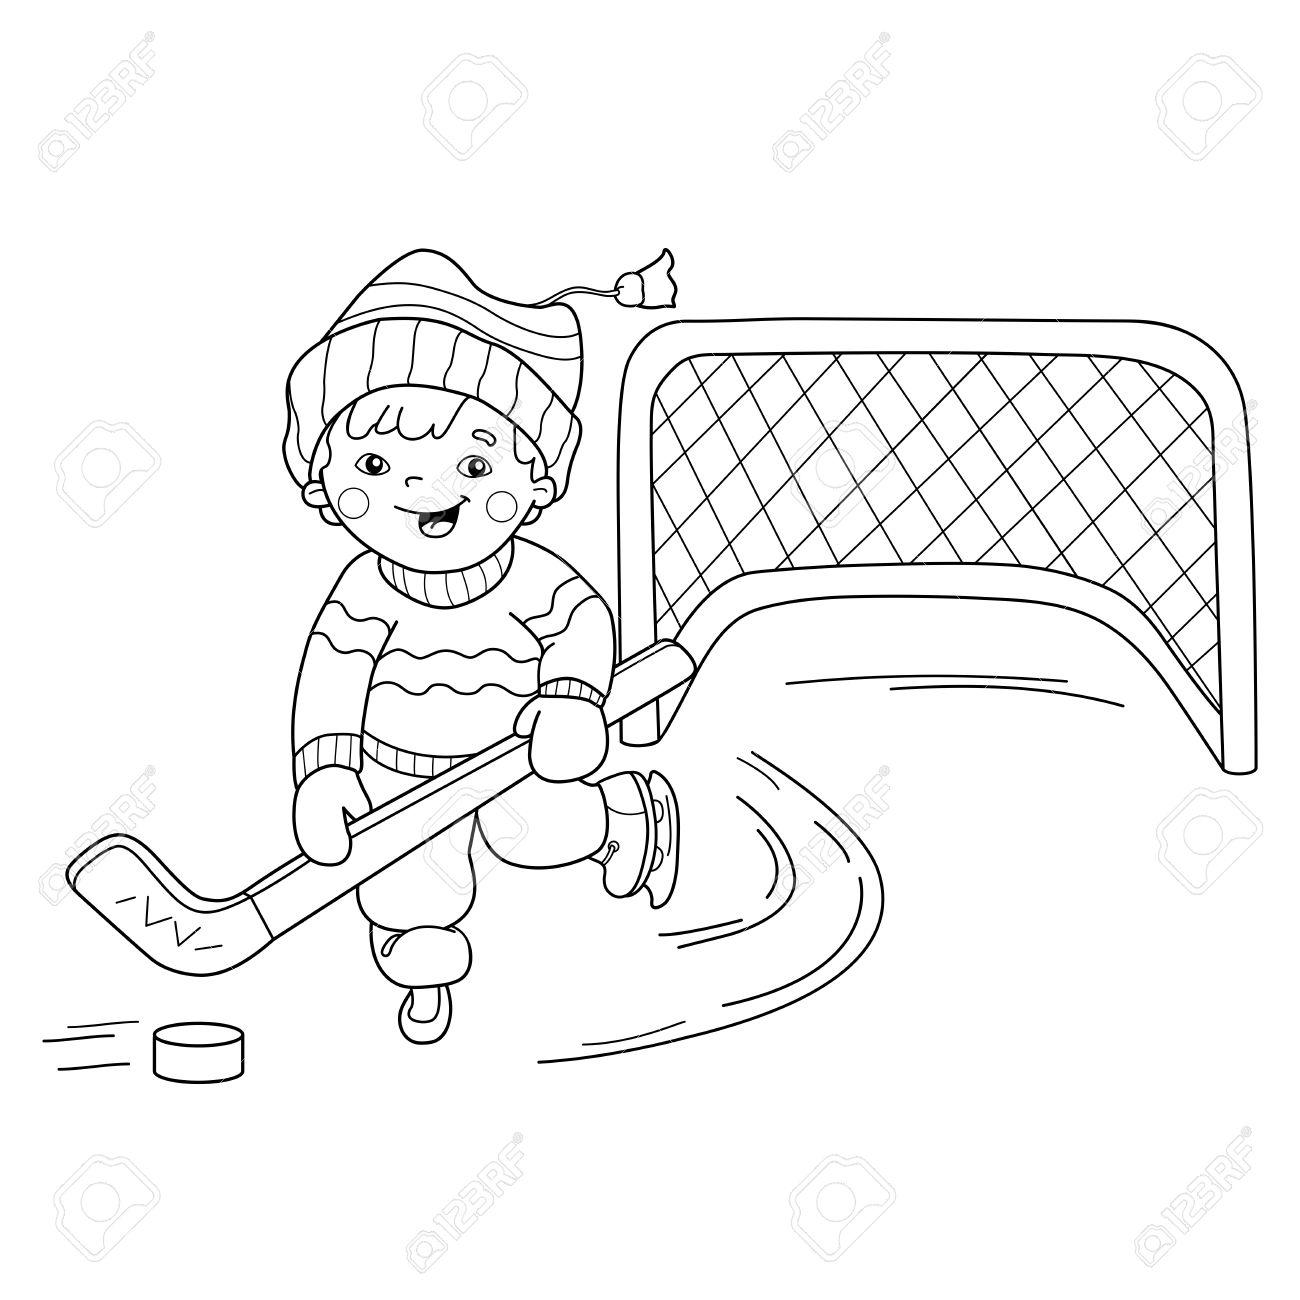 Página Para Colorear Esquema De Hockey Chico De Juego De Dibujos ...